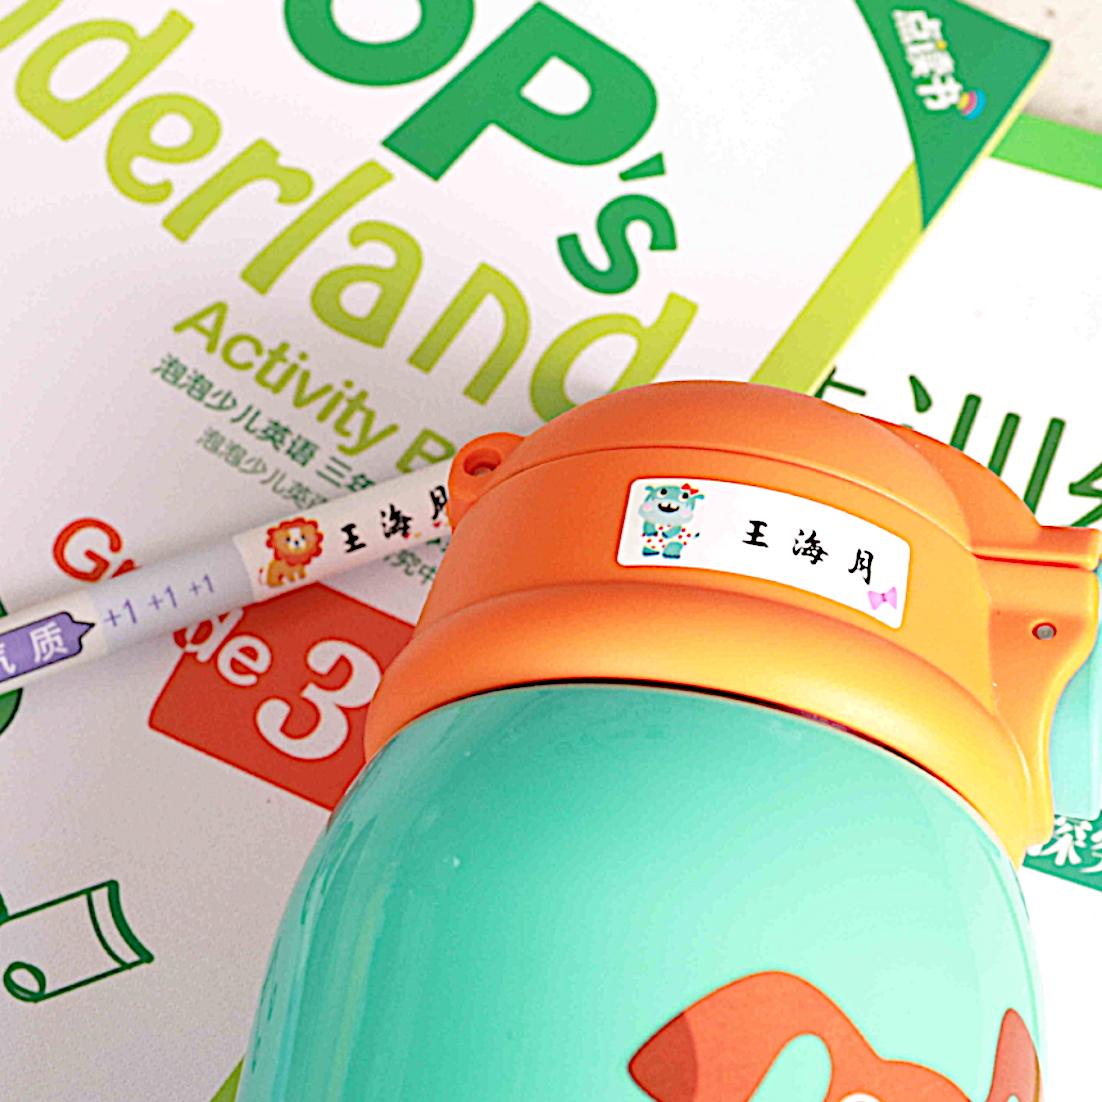 名字定制姓名贴纸幼儿园儿童宝宝名字贴印章防水定做贴纸标签